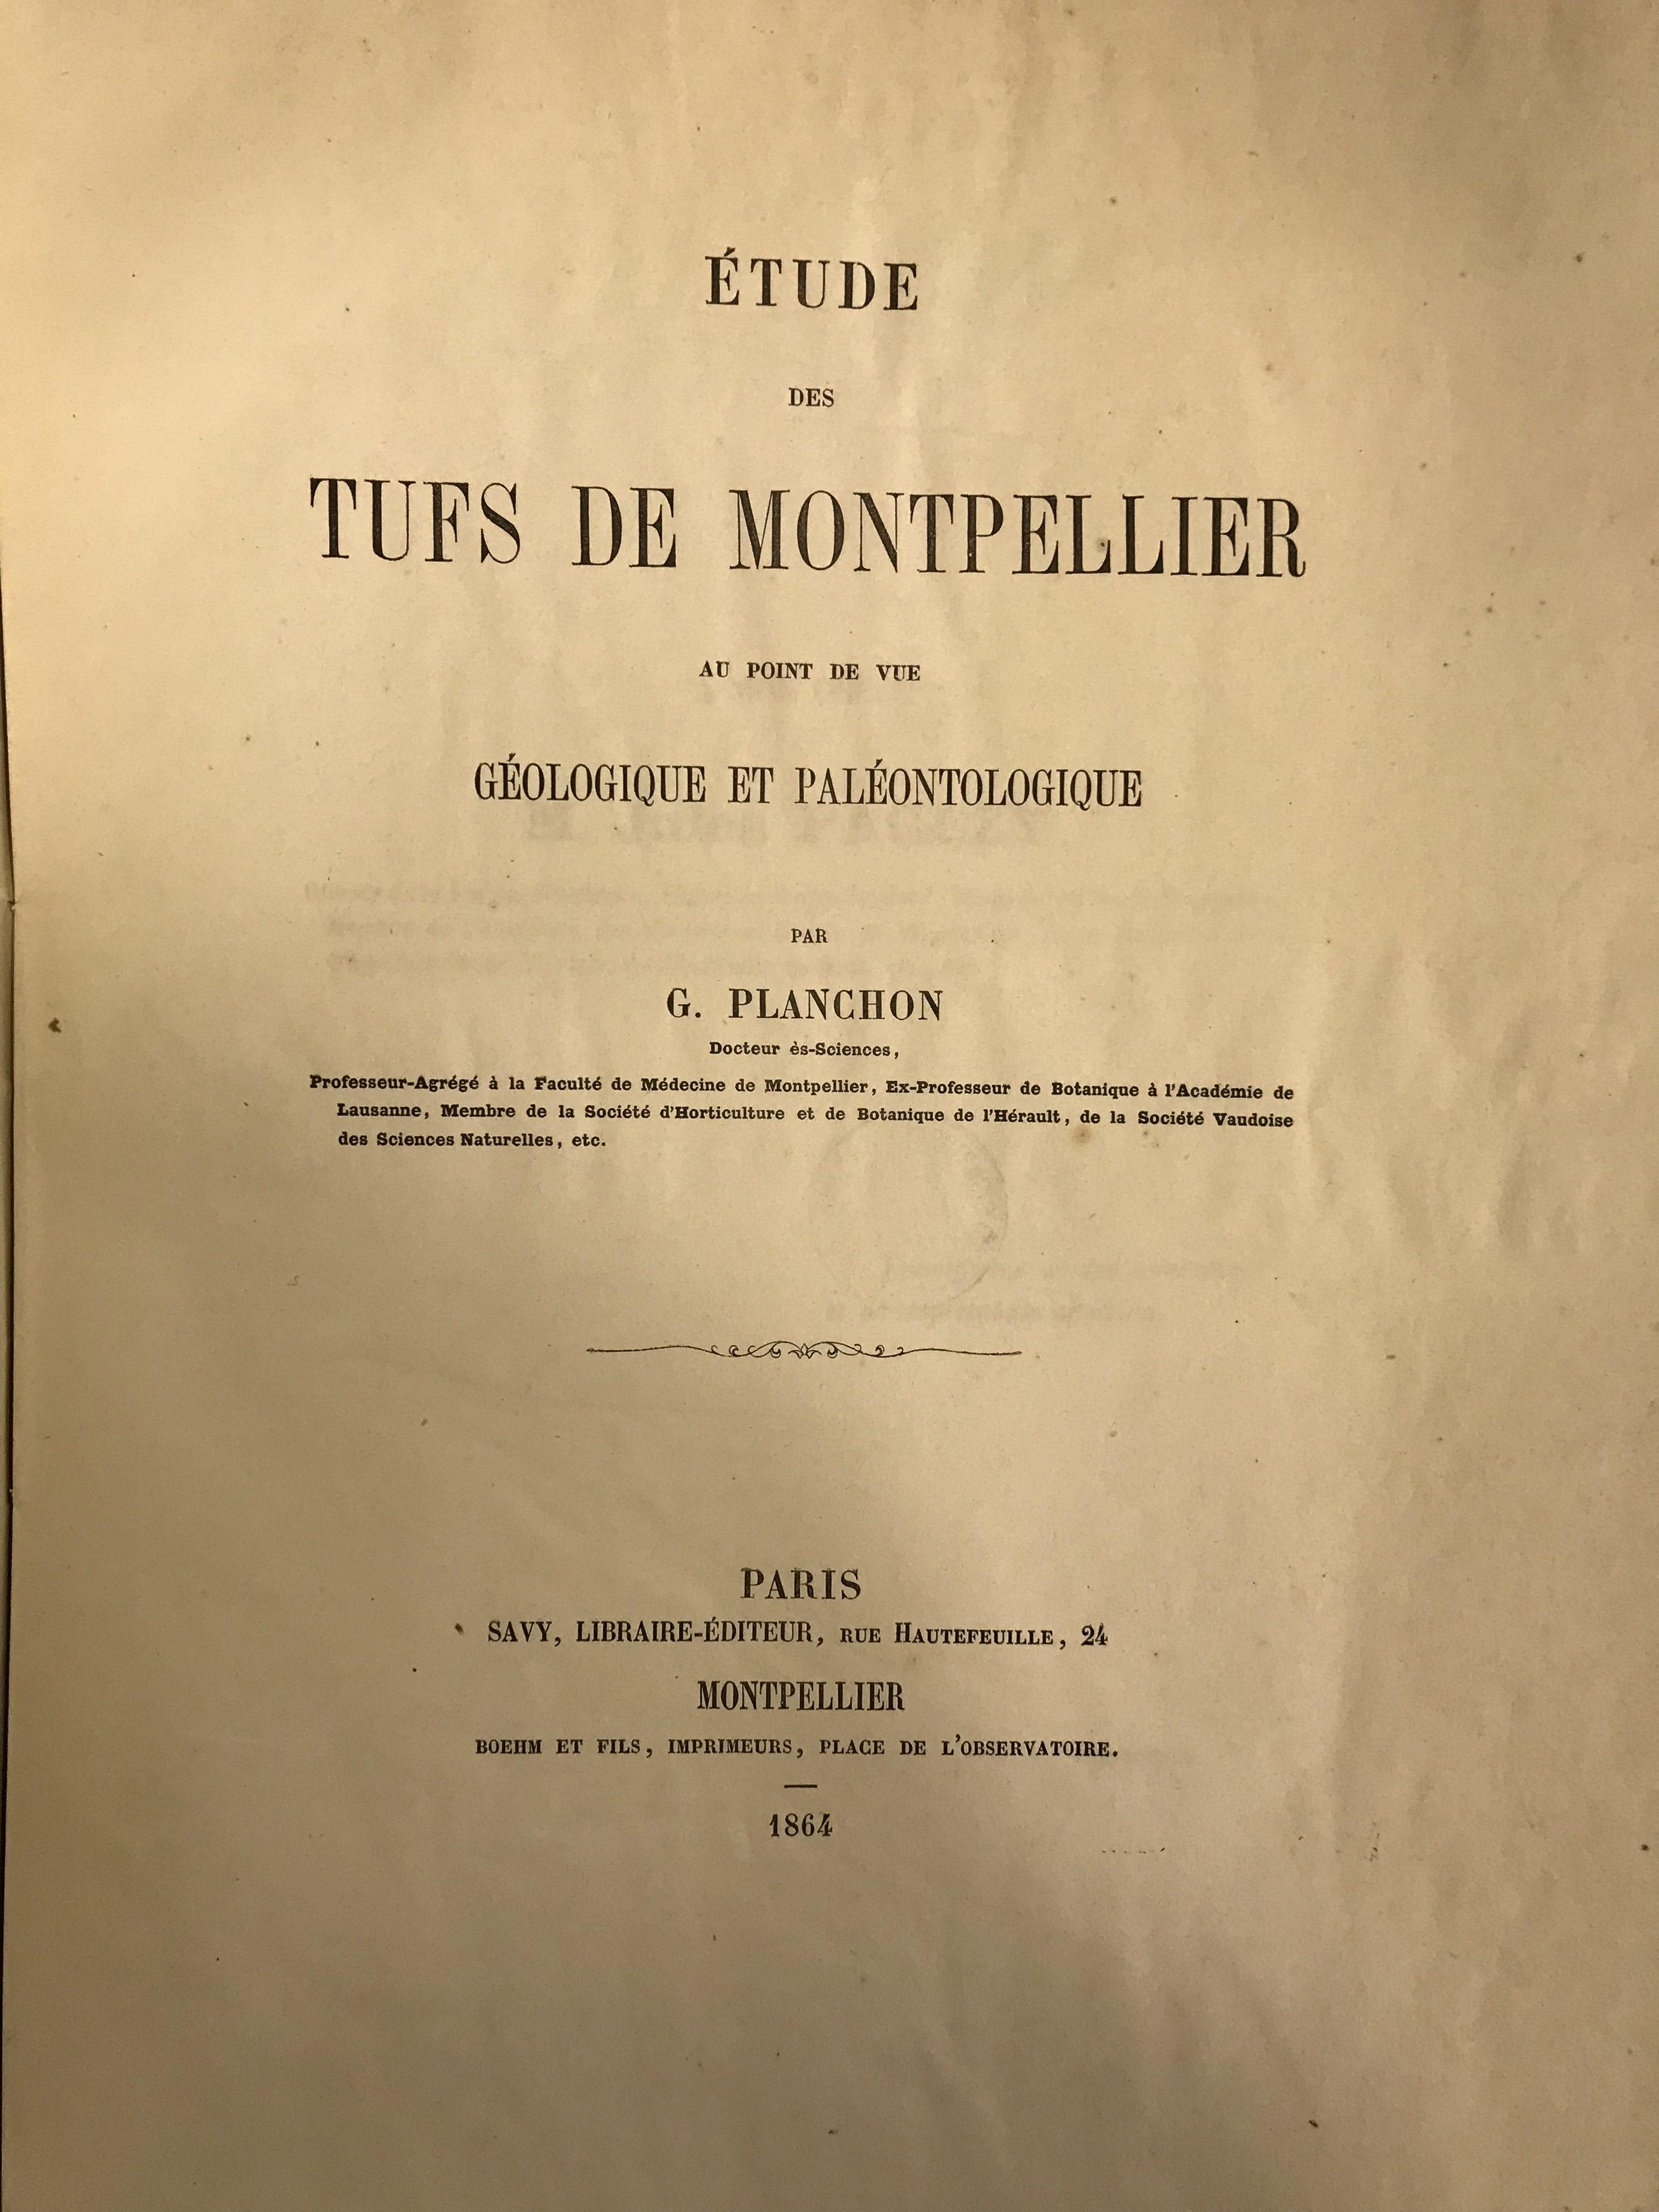 Étude des tufs de Montpellier (géologie et paléontologie)